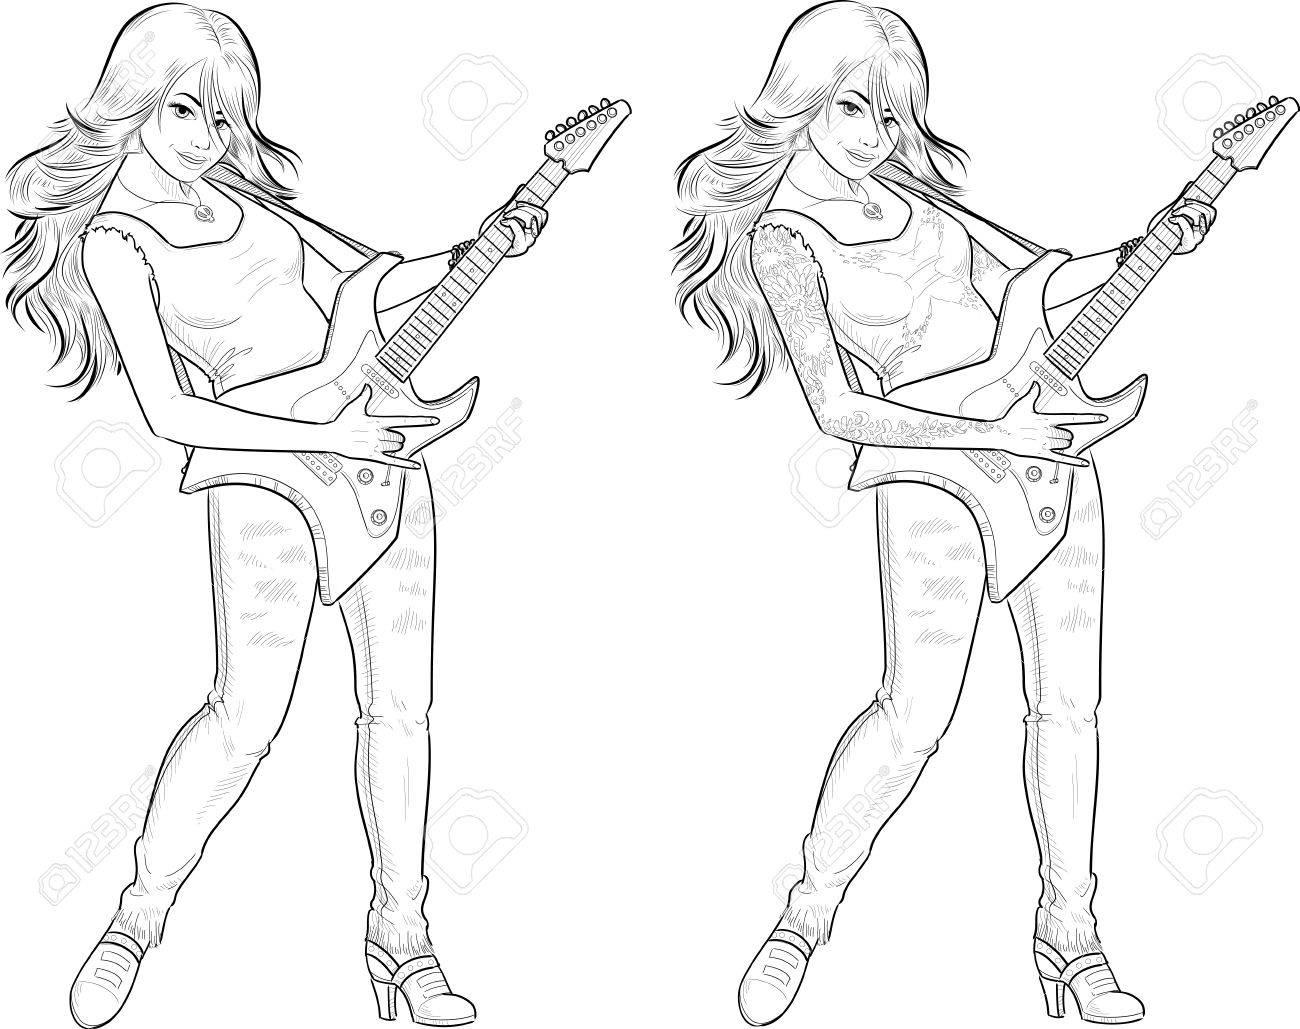 Femme Musicien De Rock Avec Des Tatouages Jouant De La Guitare